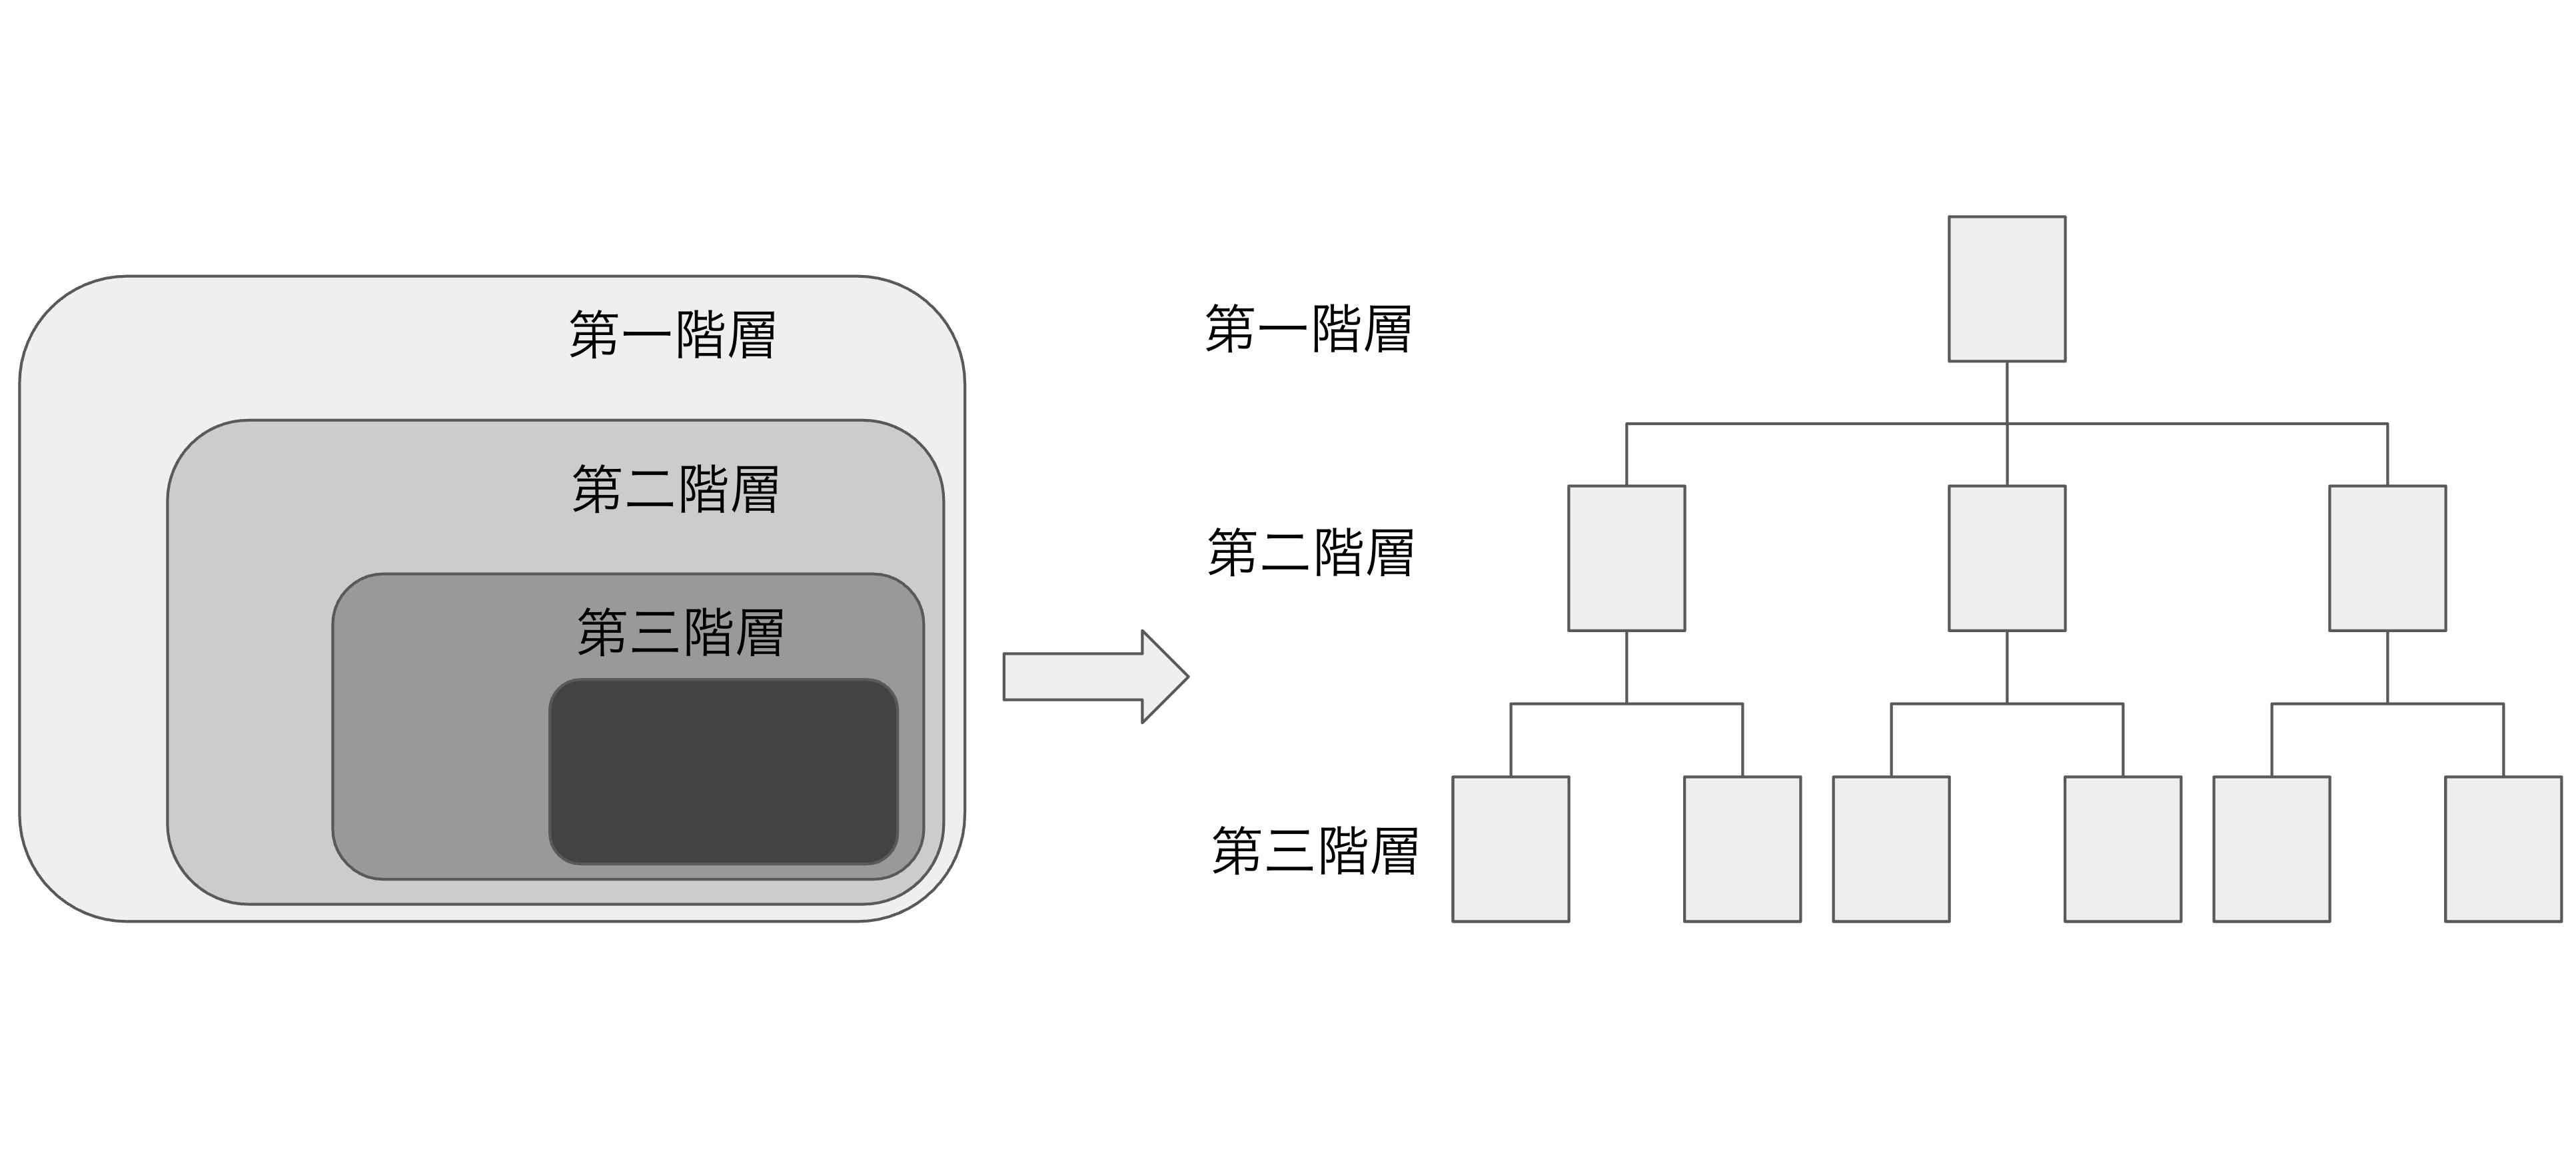 サイトマップを使うことで構造が理解しやすくなる。